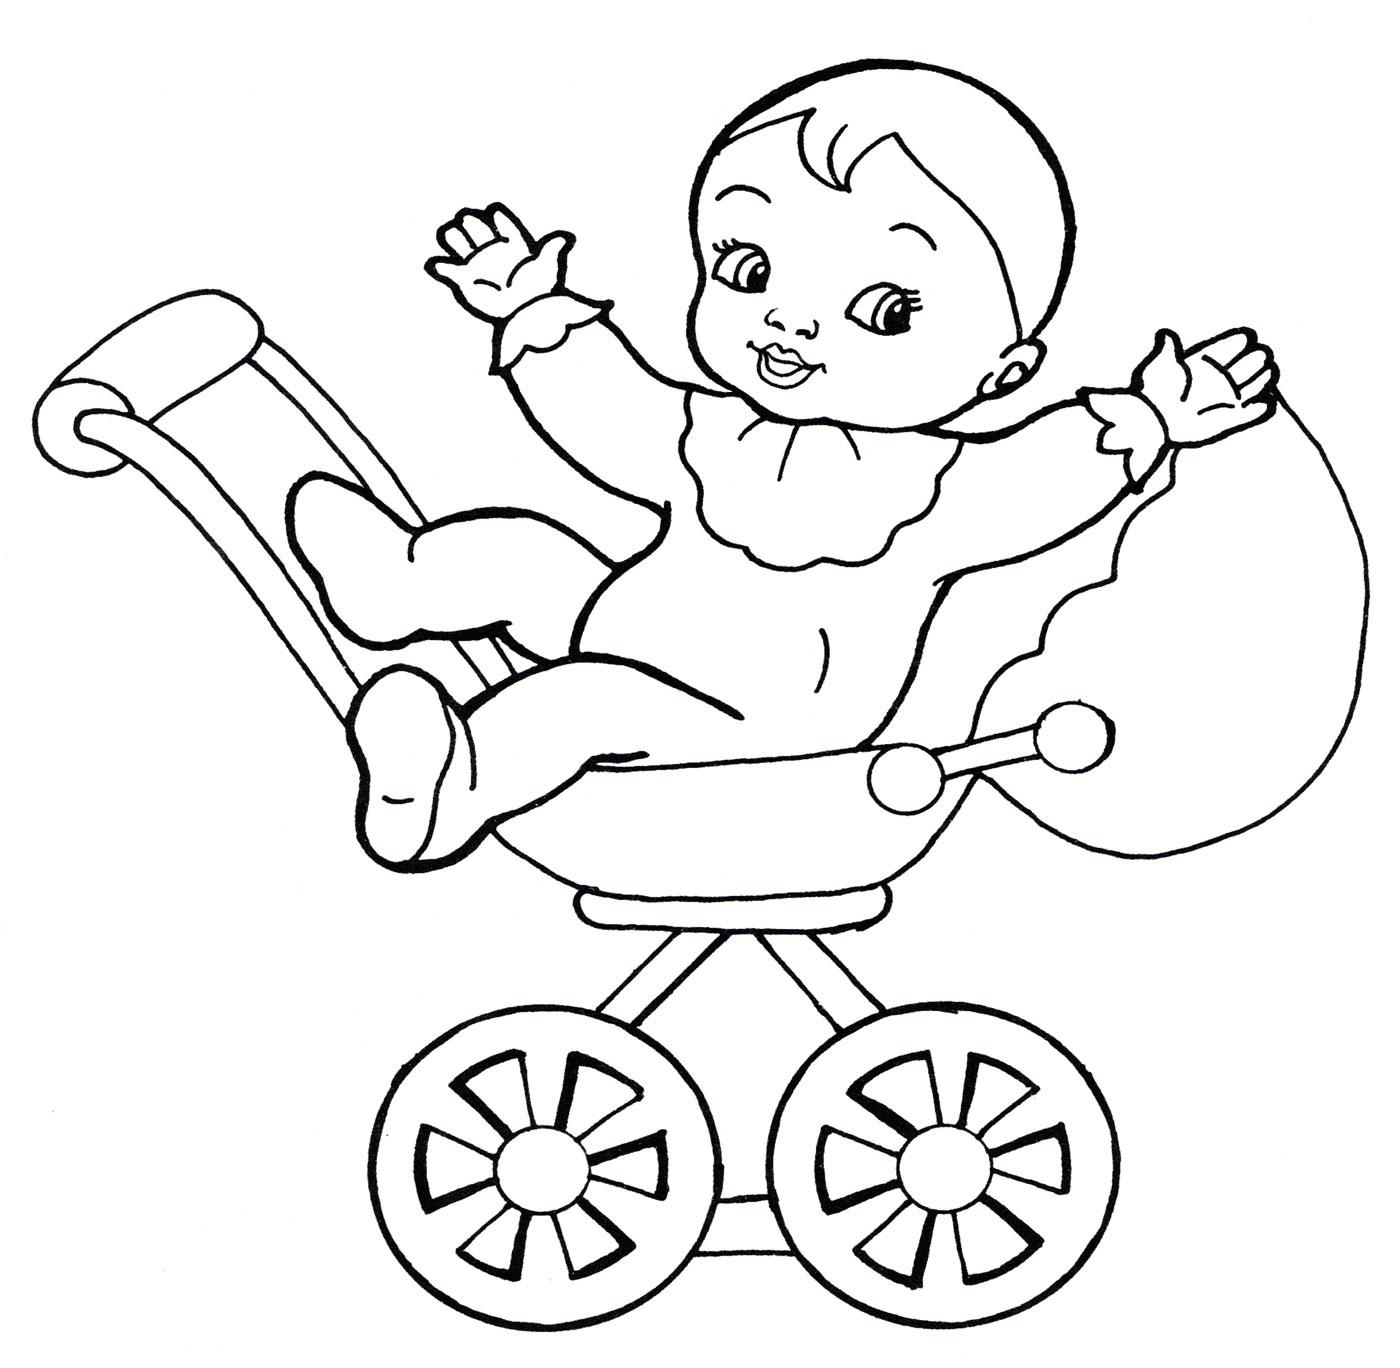 Раскраска Пупс в коляске - распечатать бесплатно